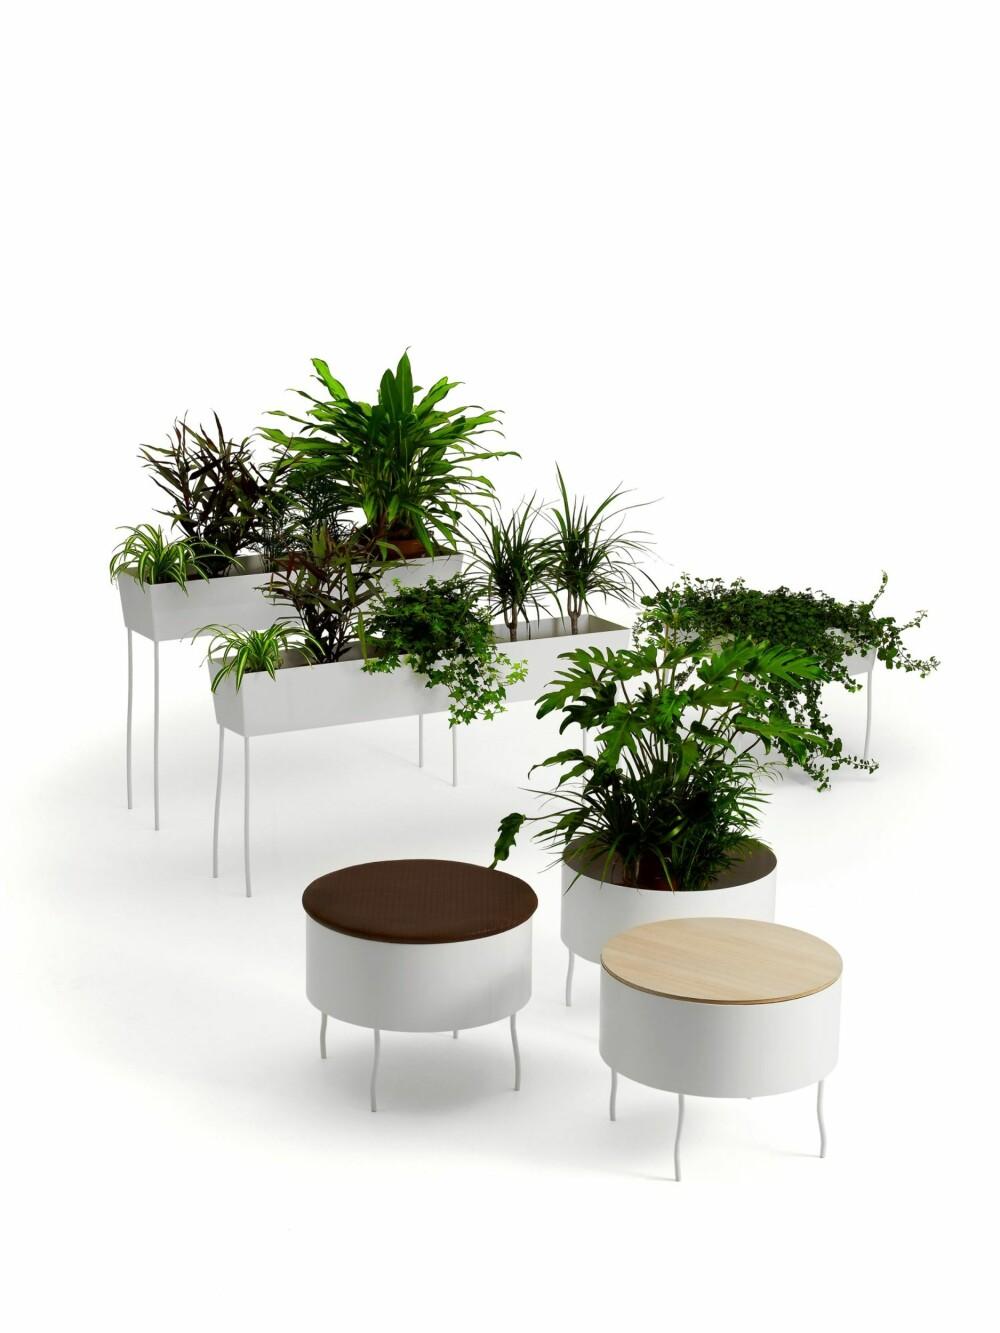 SUNNE PLANTER: Med store blomsterbed og potter formet som møbler ønsker Offecct å integrere planter i interiøret, og på denne måten skape et sunnere og bedre inneklima.